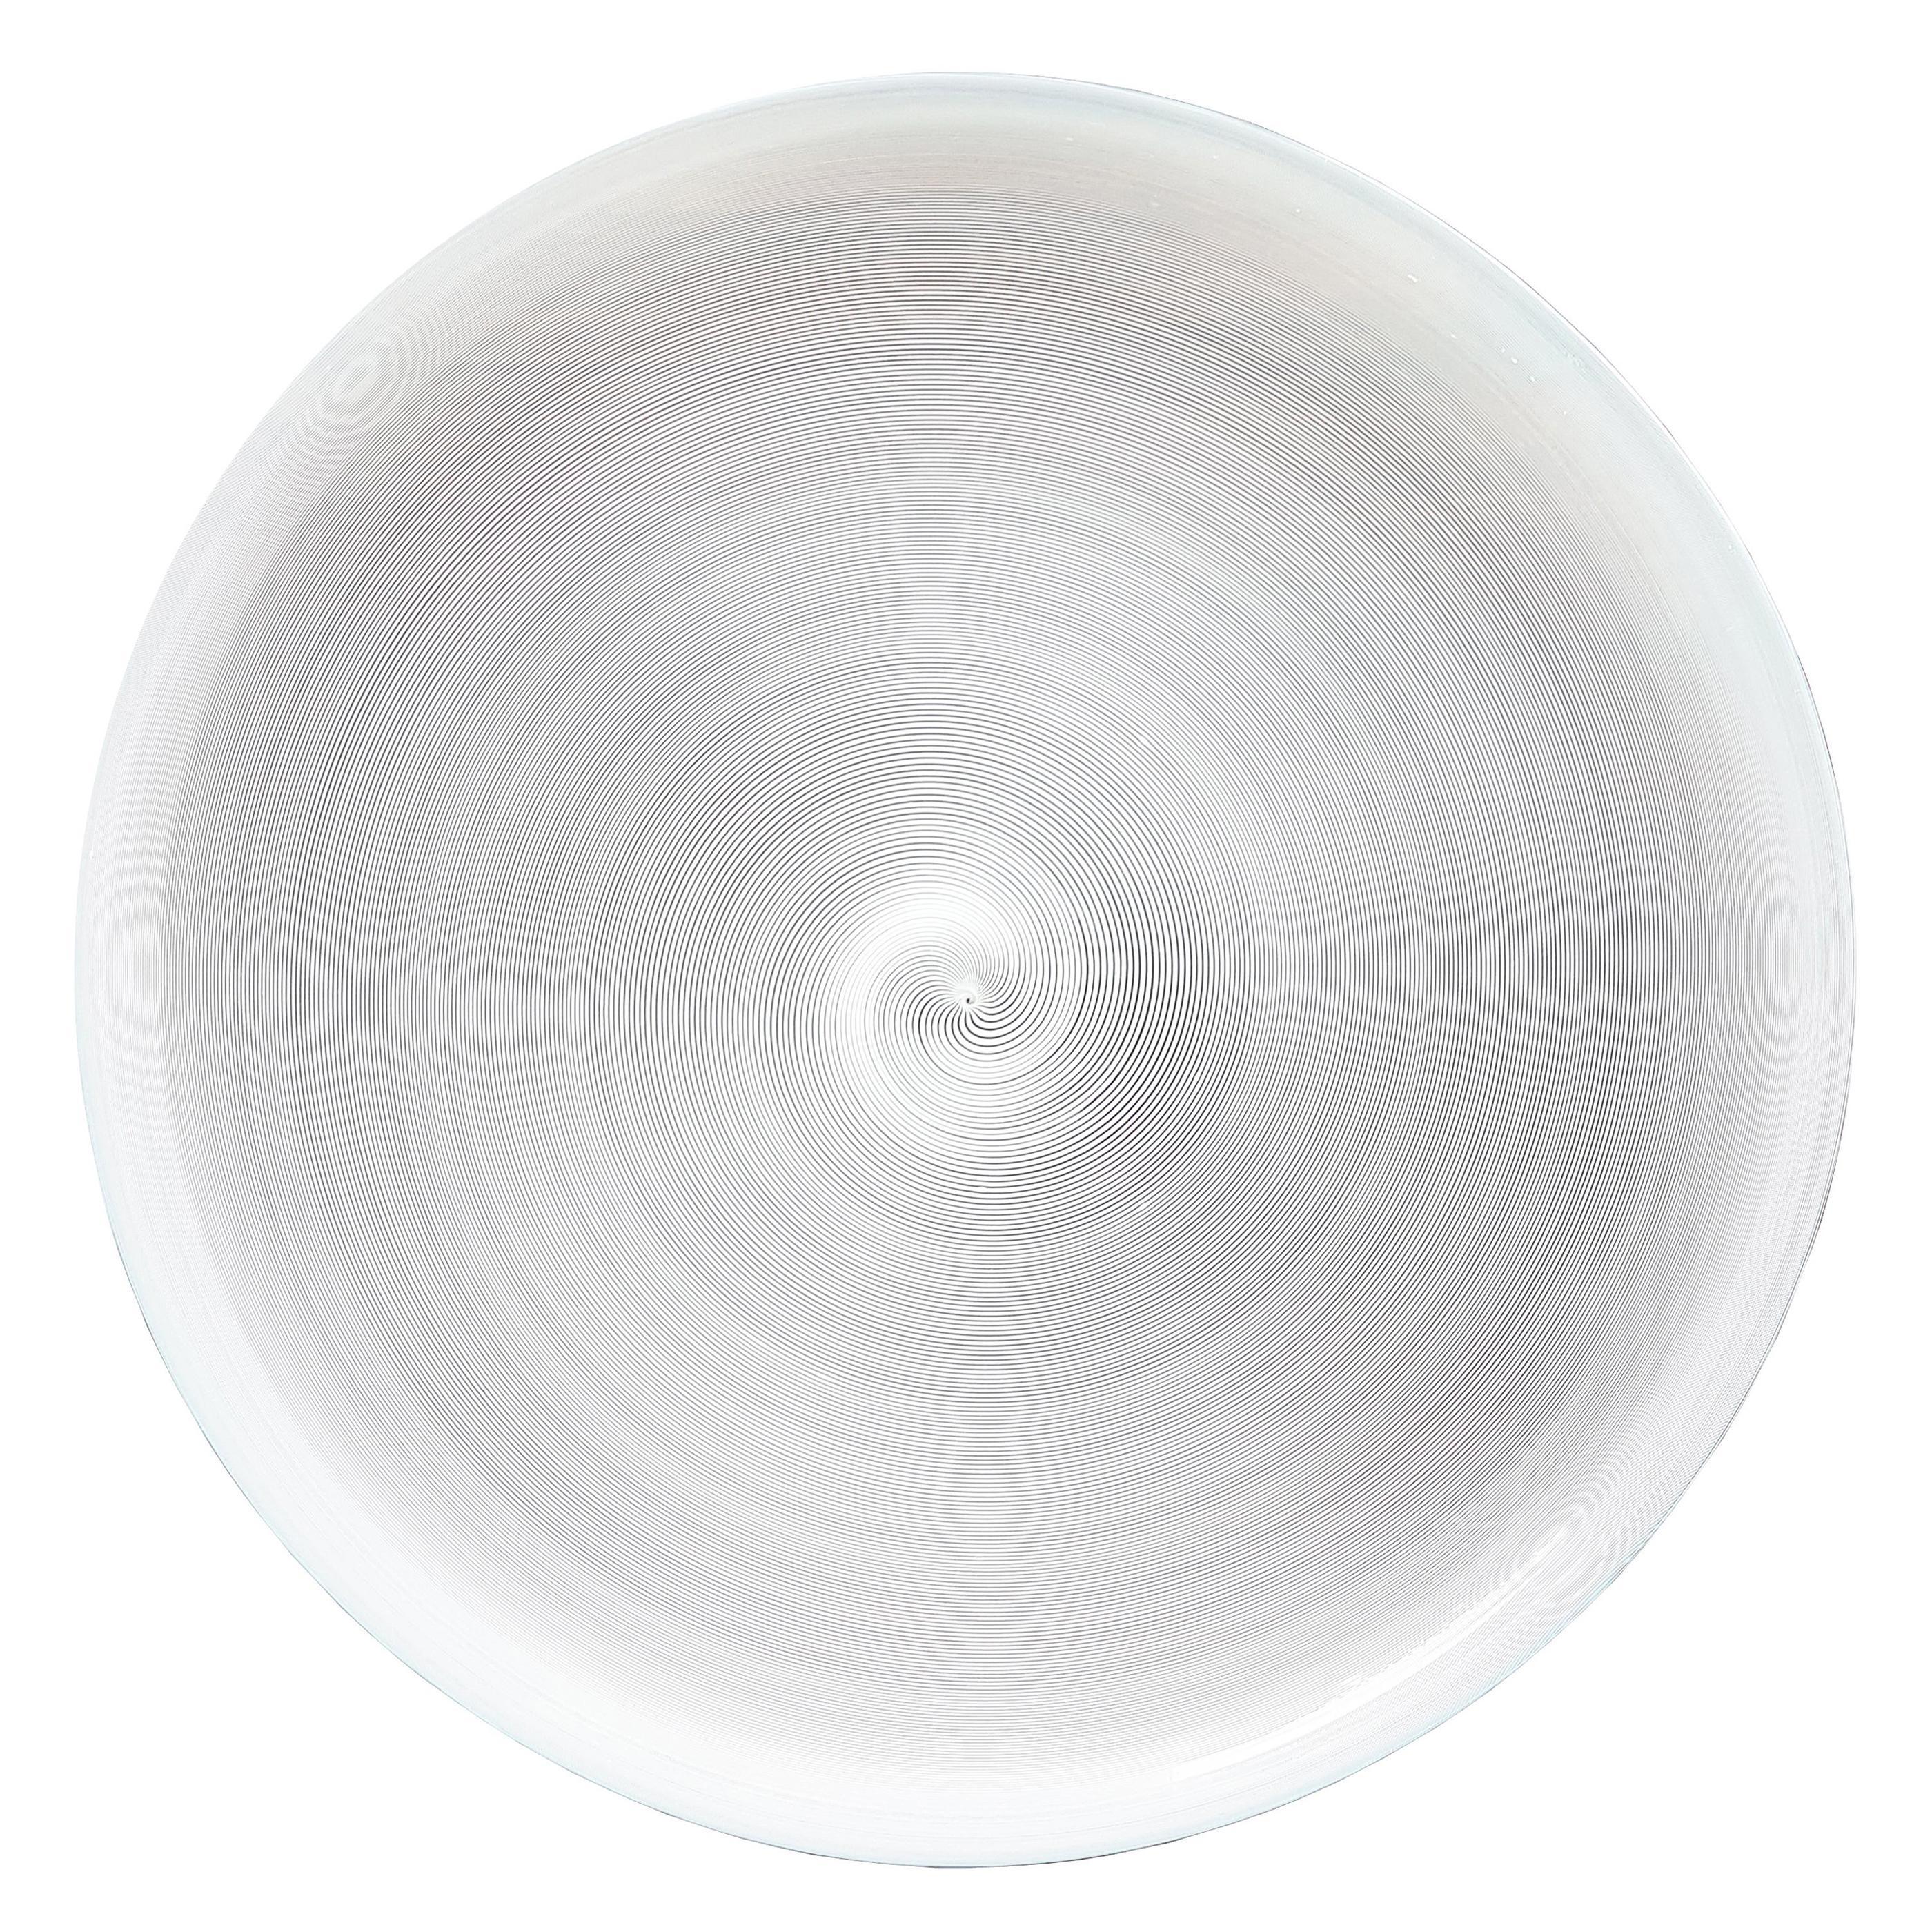 """White and Clear """"mezza filigrana"""" Murano Glass Plate Attributed to Venini, 1990s"""